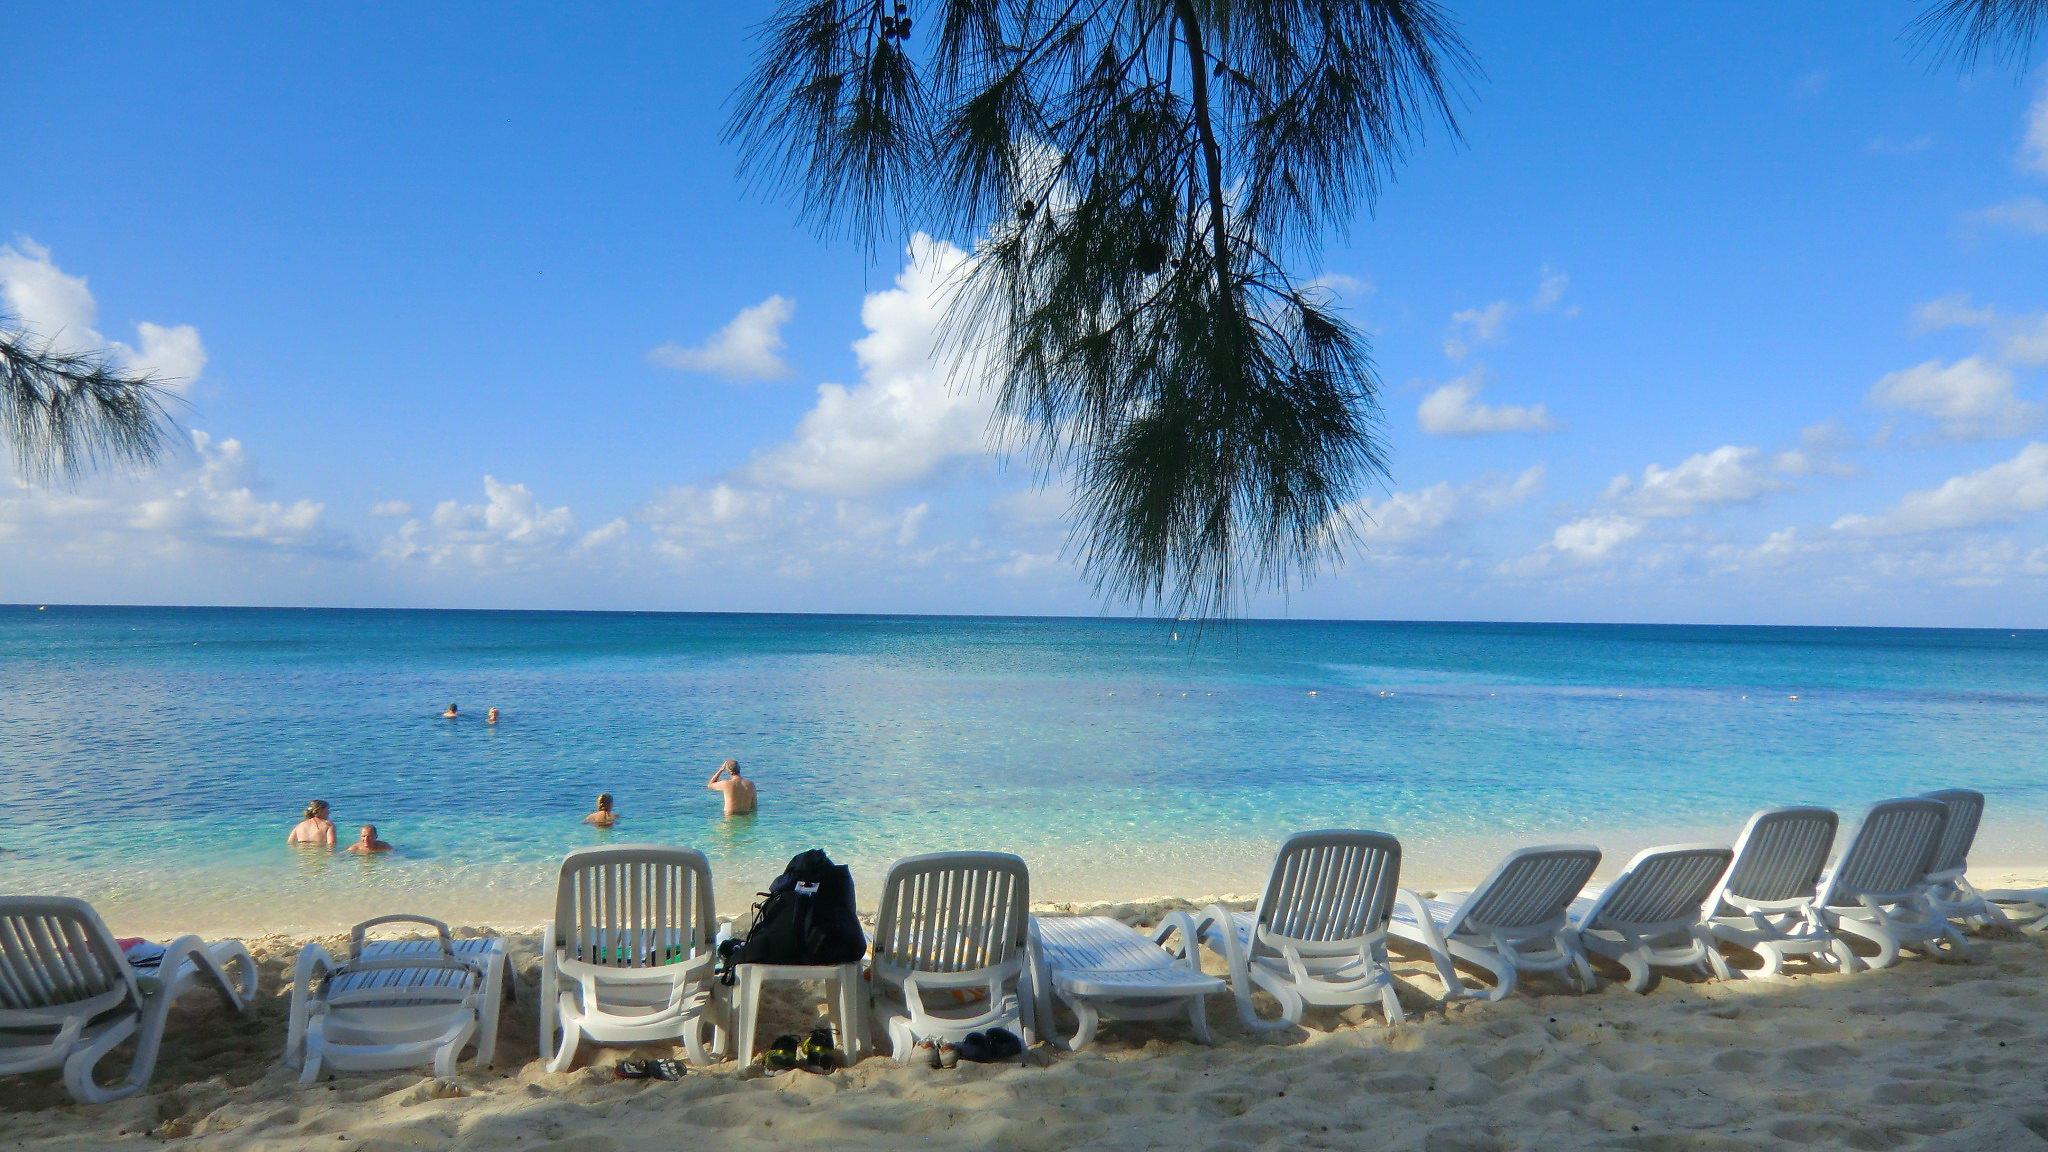 Destinaţii exotice: Insulele Cayman, America de Nord, foto @flickr.com